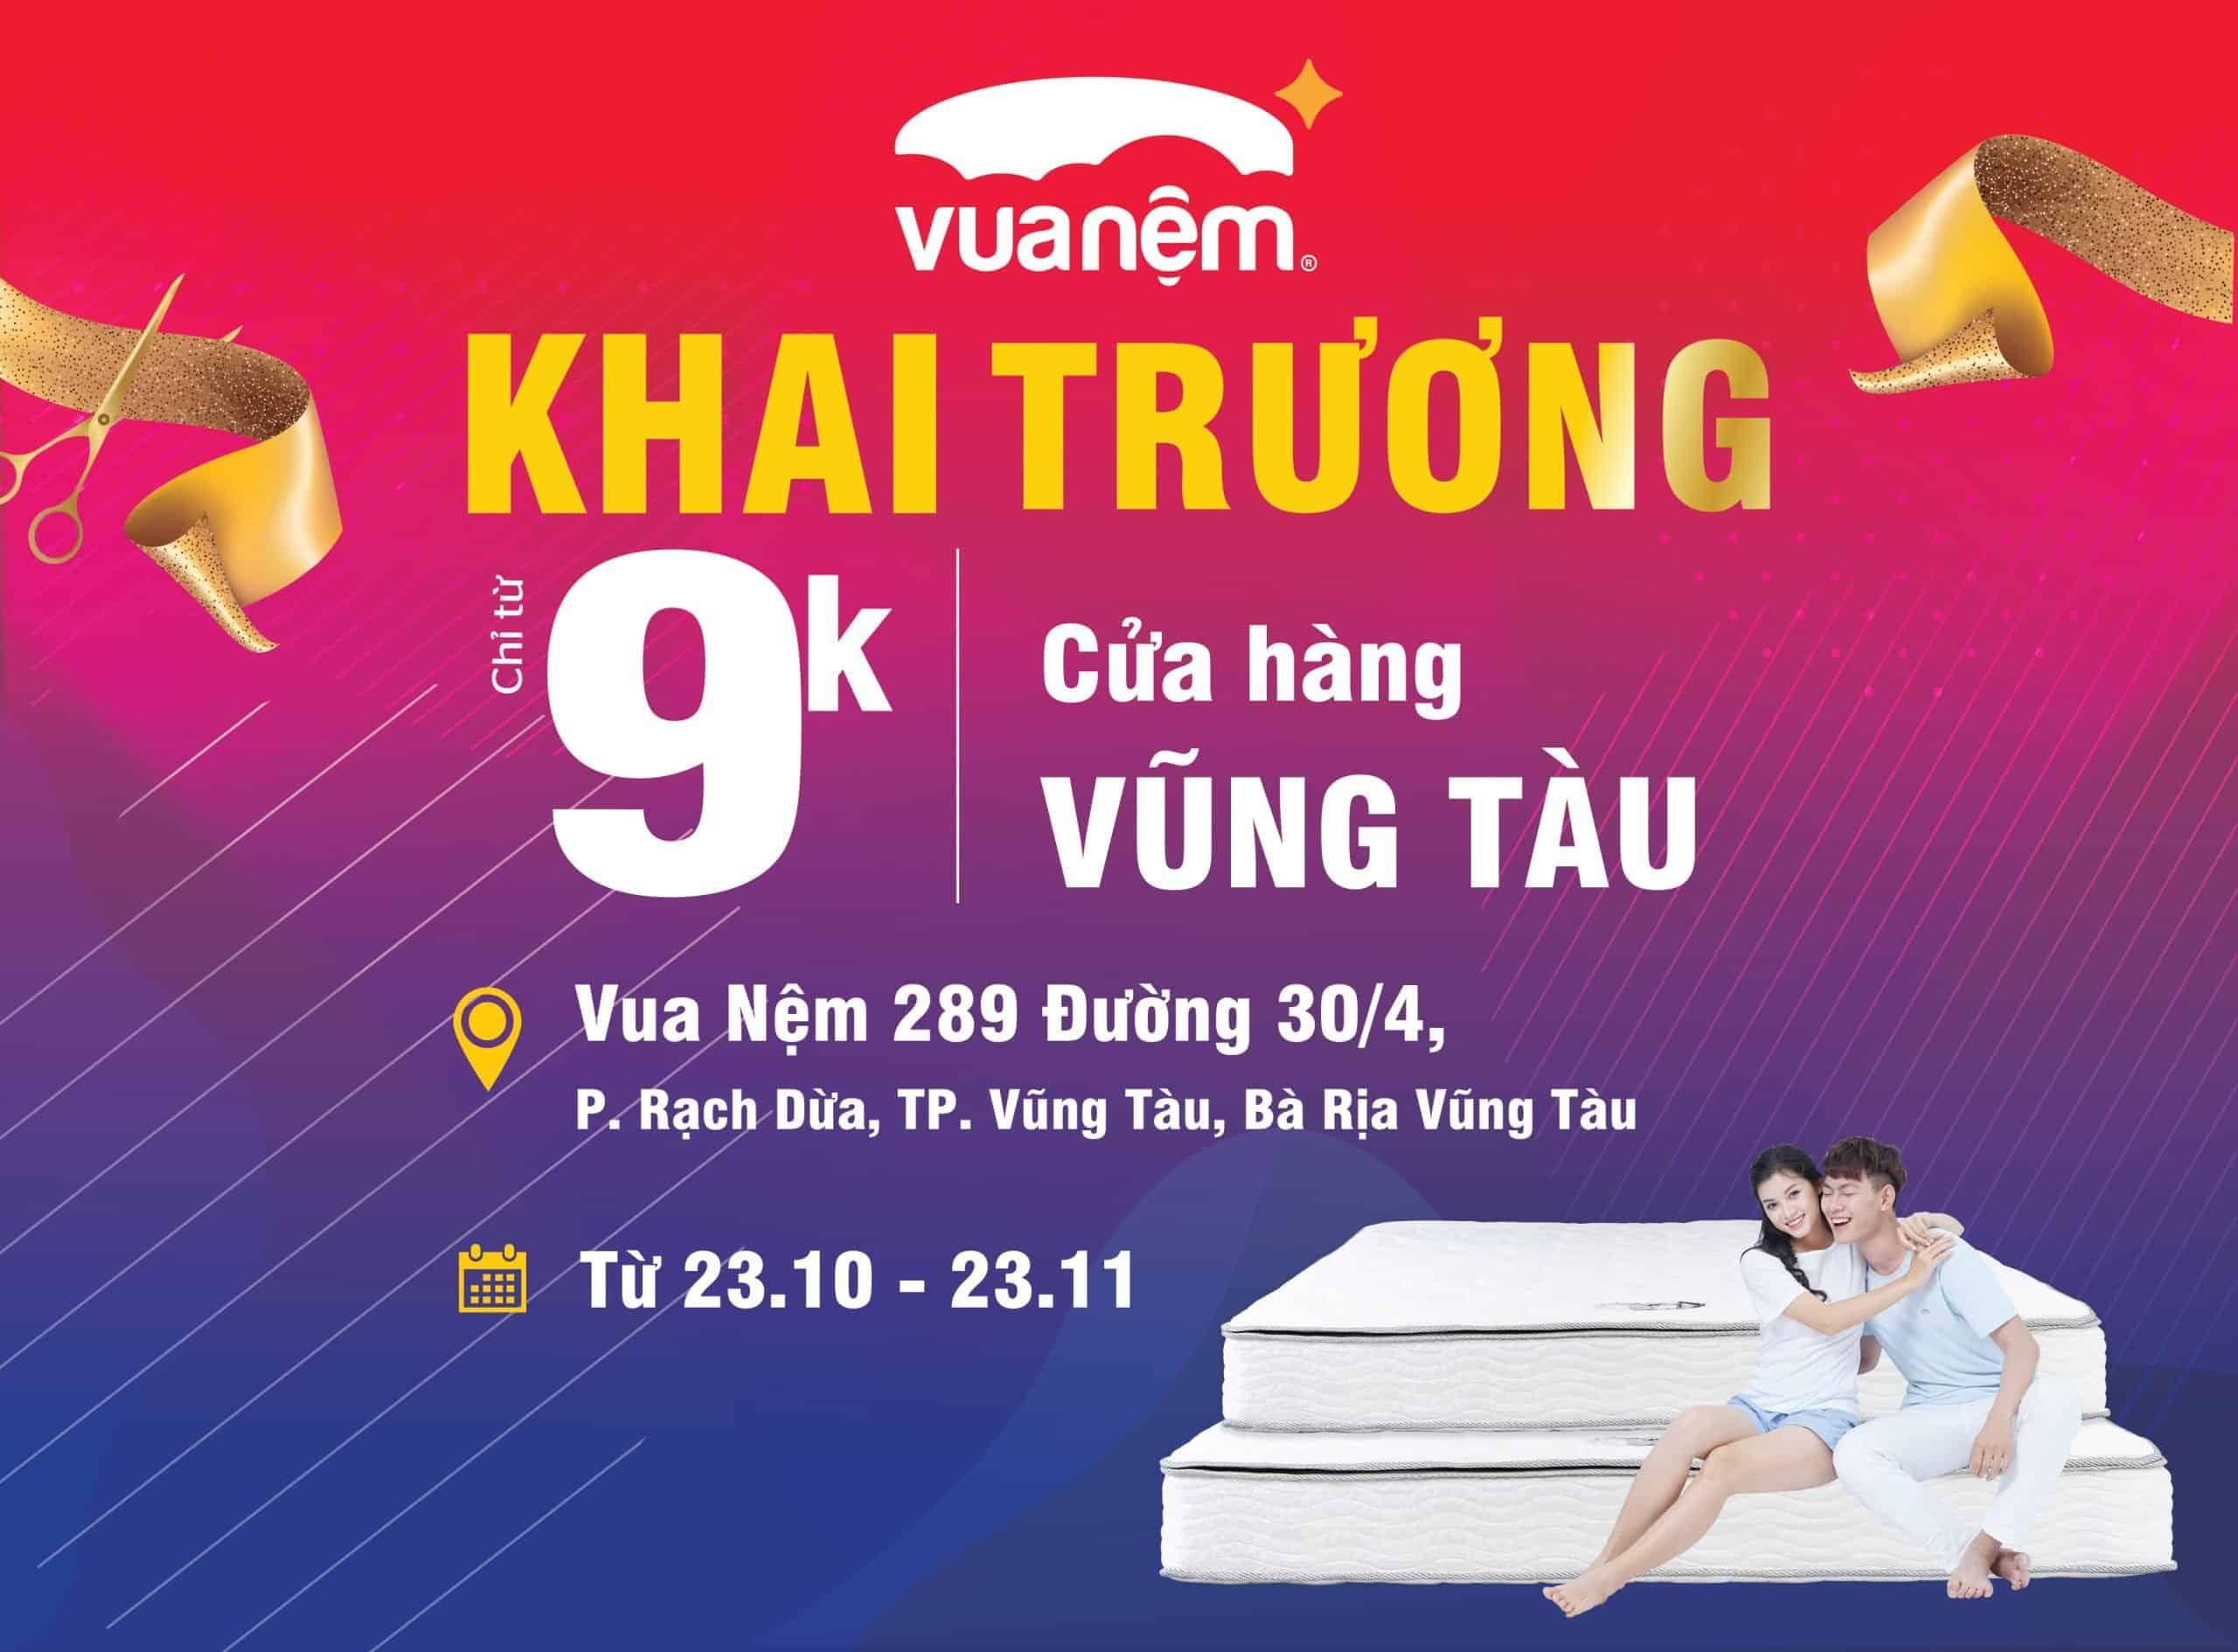 Khai trương Vua Nệm Vũng Tàu - Cơ hội  mua gối chất lượng chỉ với giá 9k